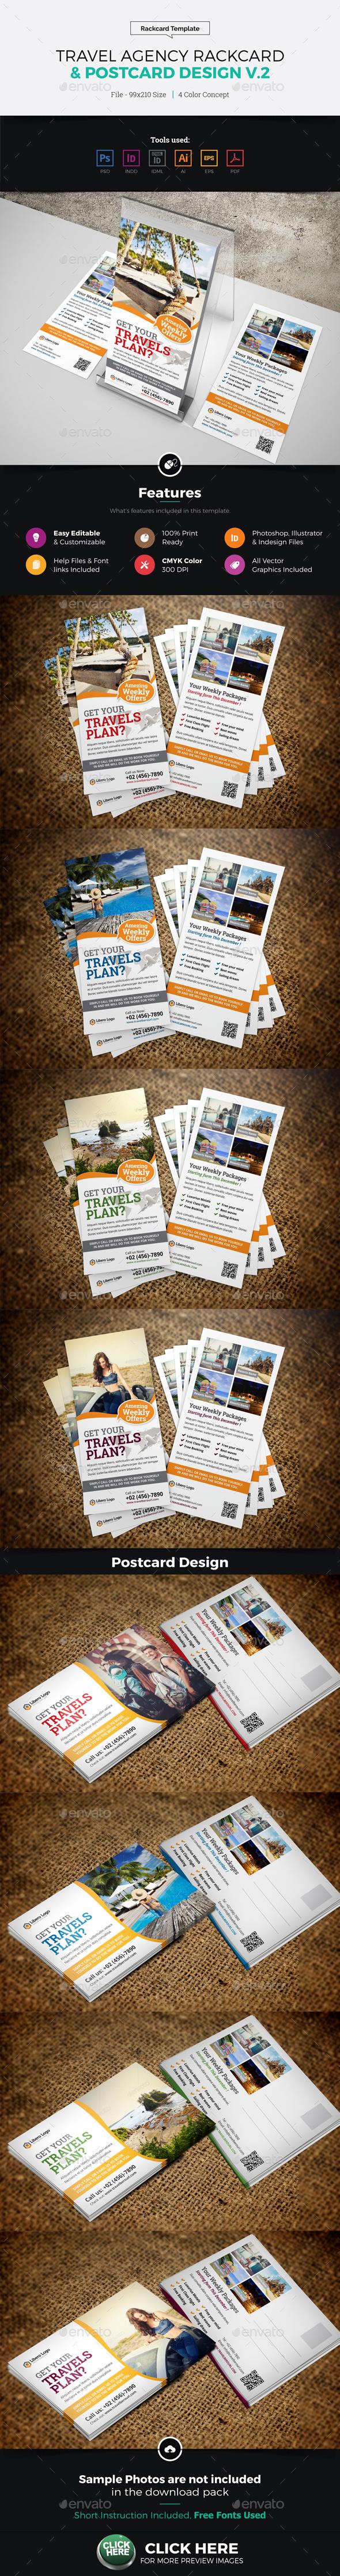 Travel Postcard Rackcard DL Flyer Design v2 - Corporate Flyers